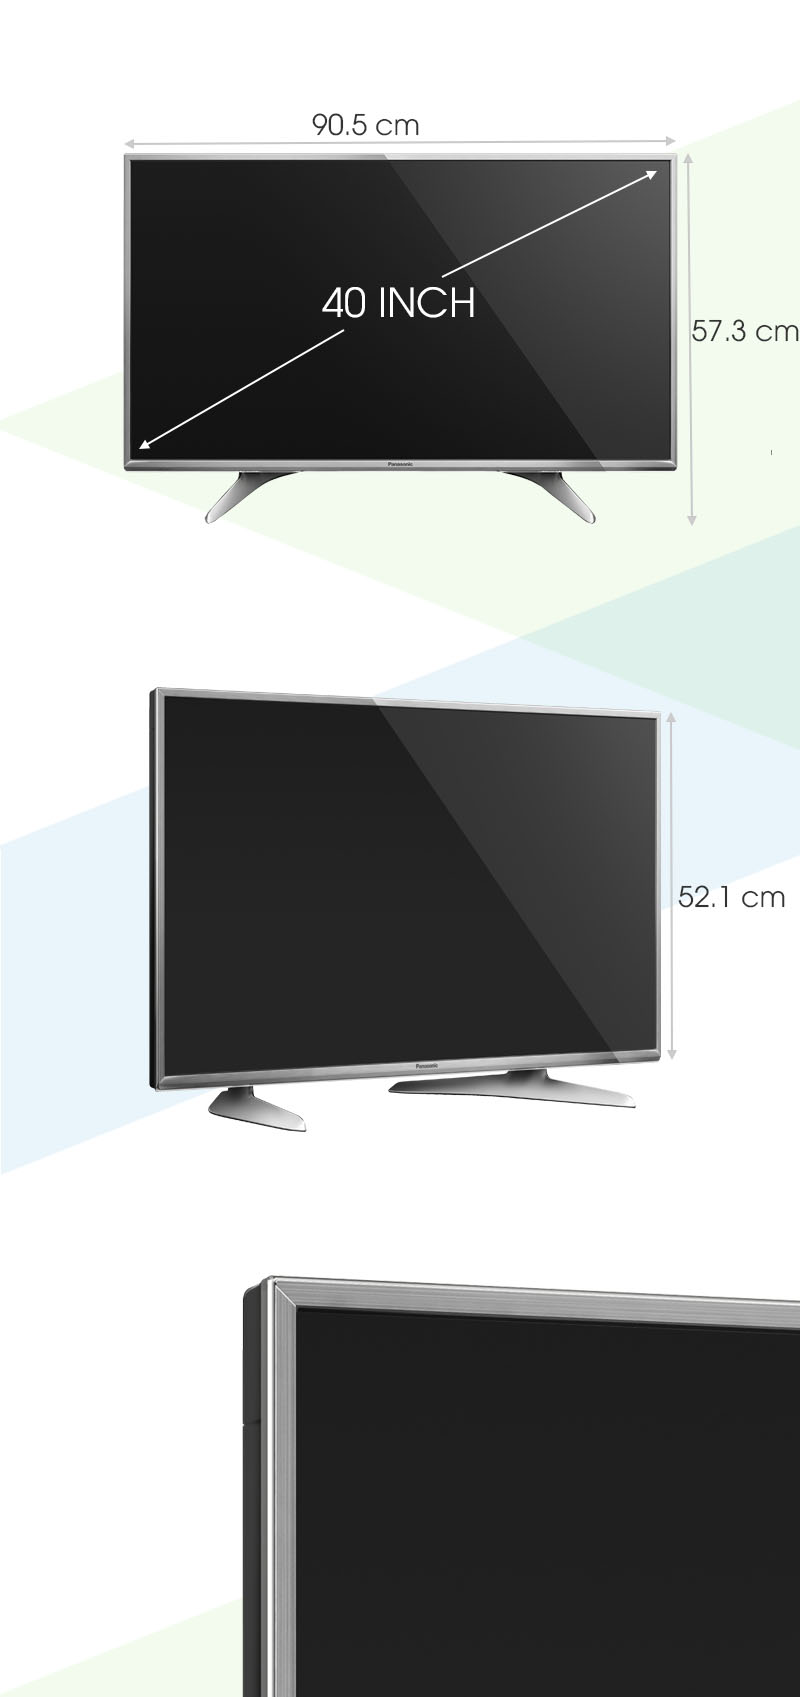 Smart tivi Panasonic 40 inch TH-40DX650V - Kích thước tivi